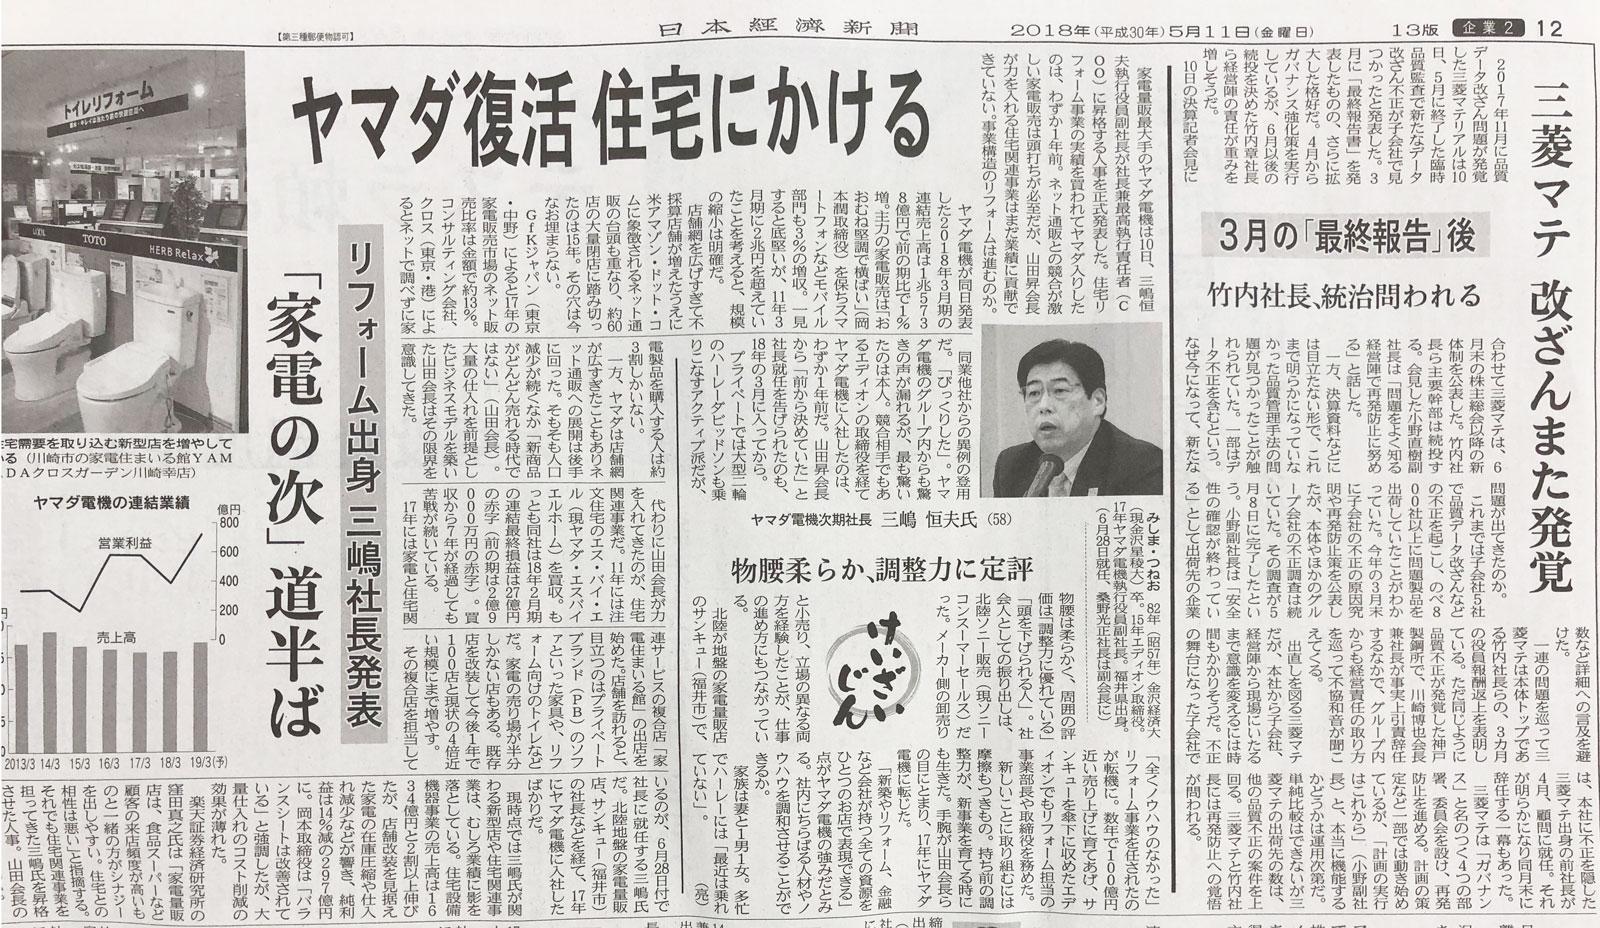 日本経済新聞に弊社代表、得平 司の取材記事が掲載されました